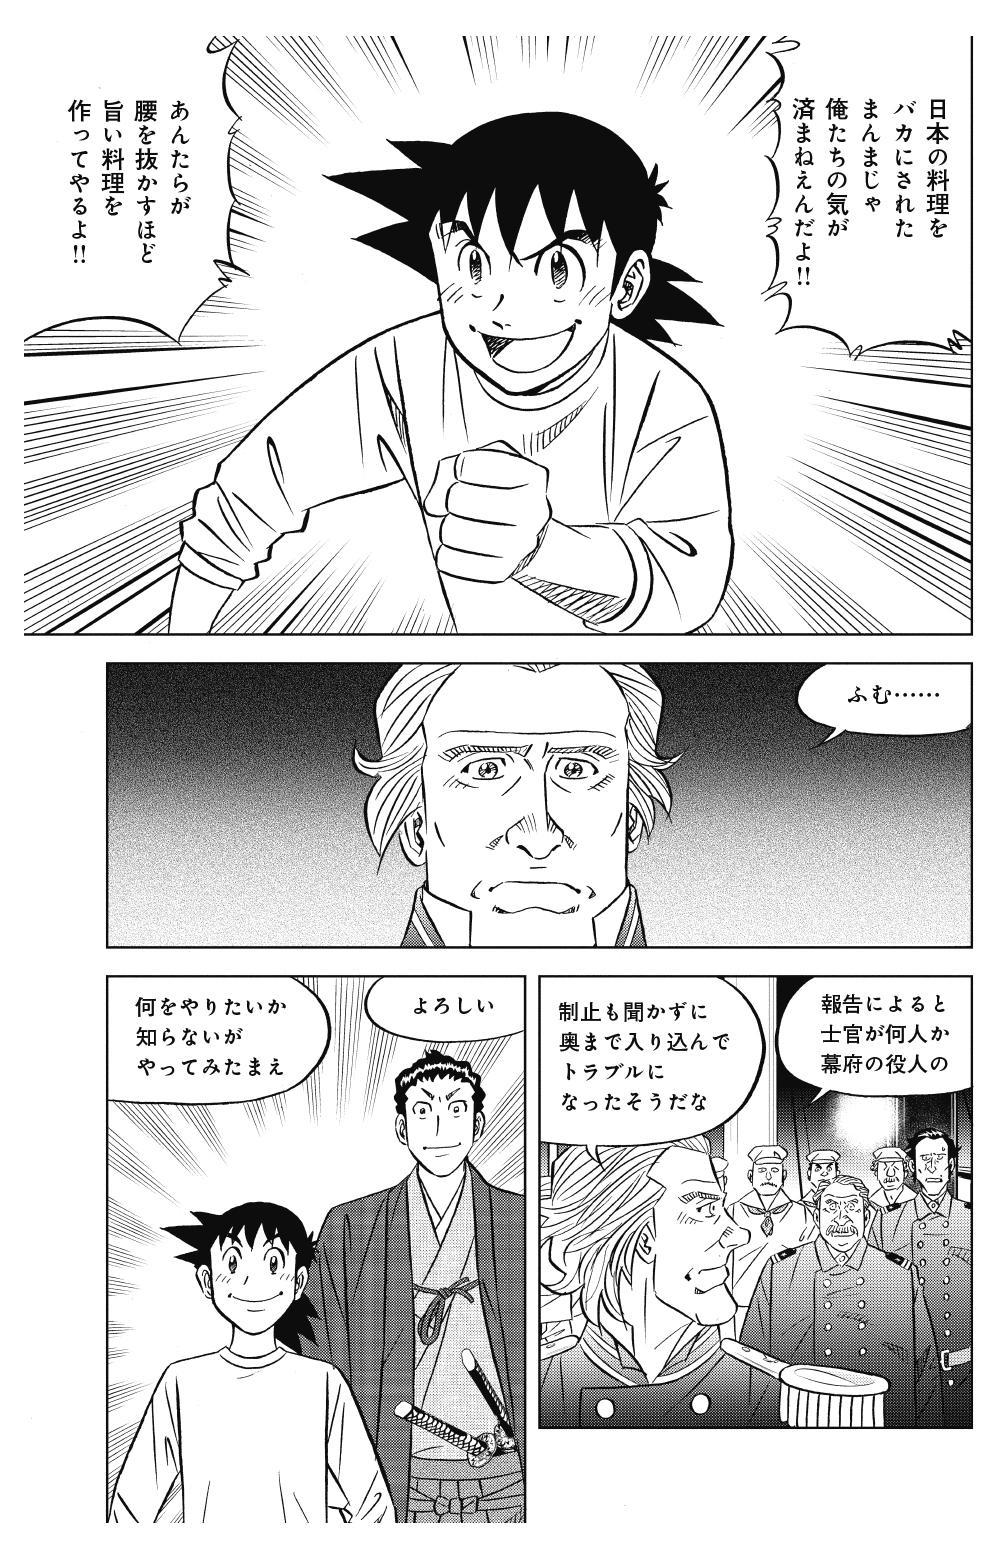 ミスター味っ子 幕末編 第1話「黒船来航」③ajikko28.jpg